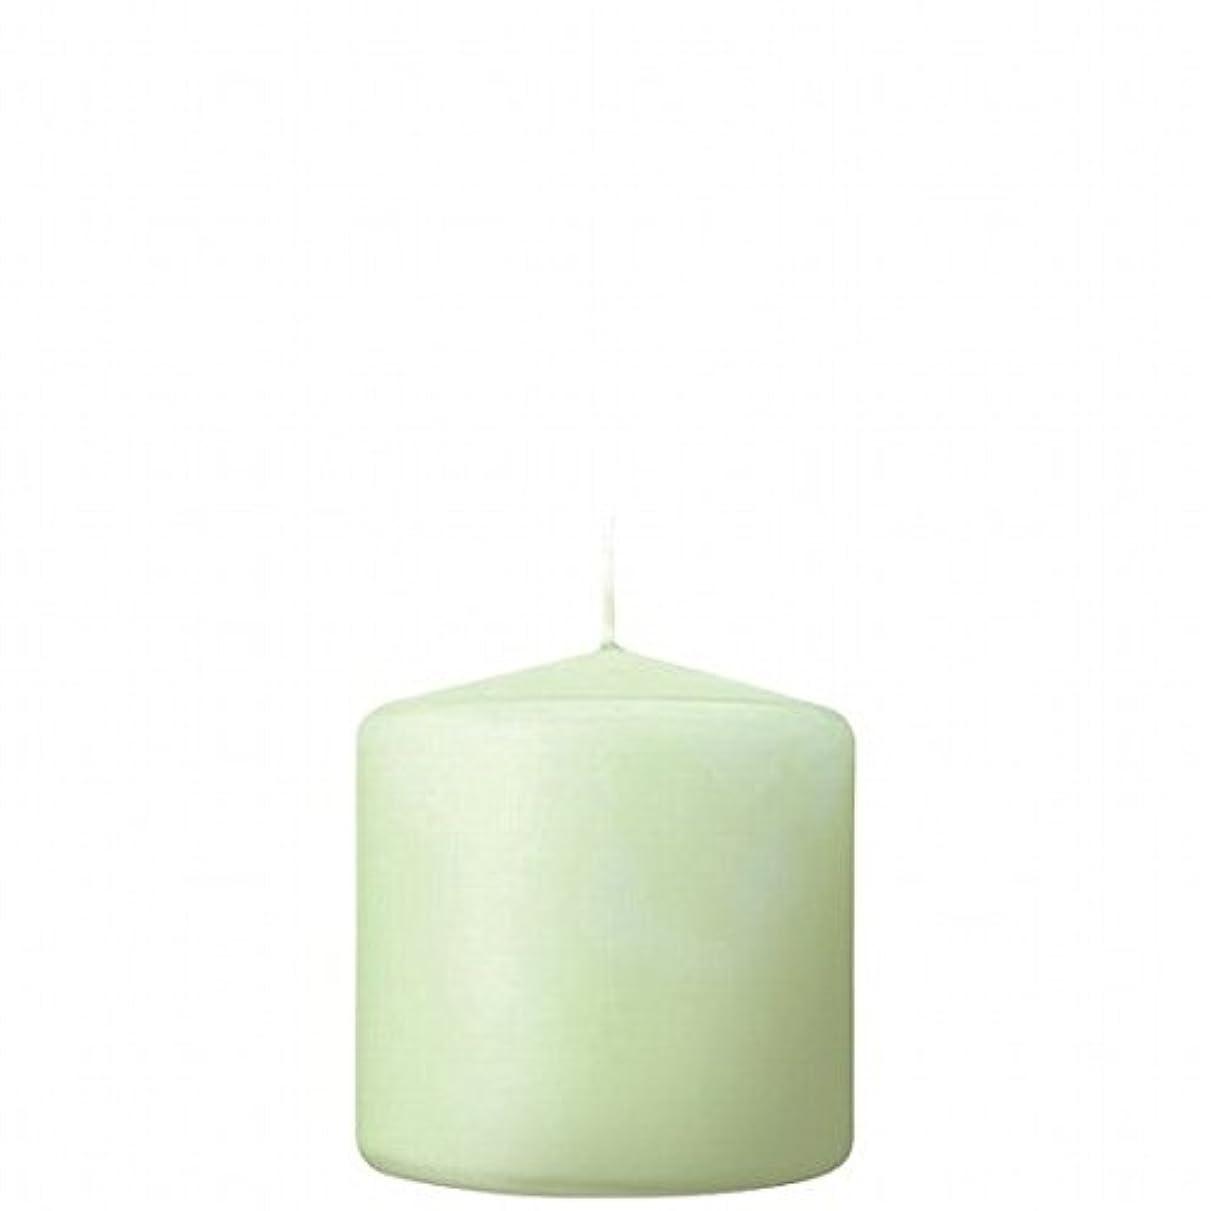 タンパク質予想する協力するkameyama candle(カメヤマキャンドル) 3×3ベルトップピラーキャンドル 「 ホワイトグリーン 」(A9730000WG)